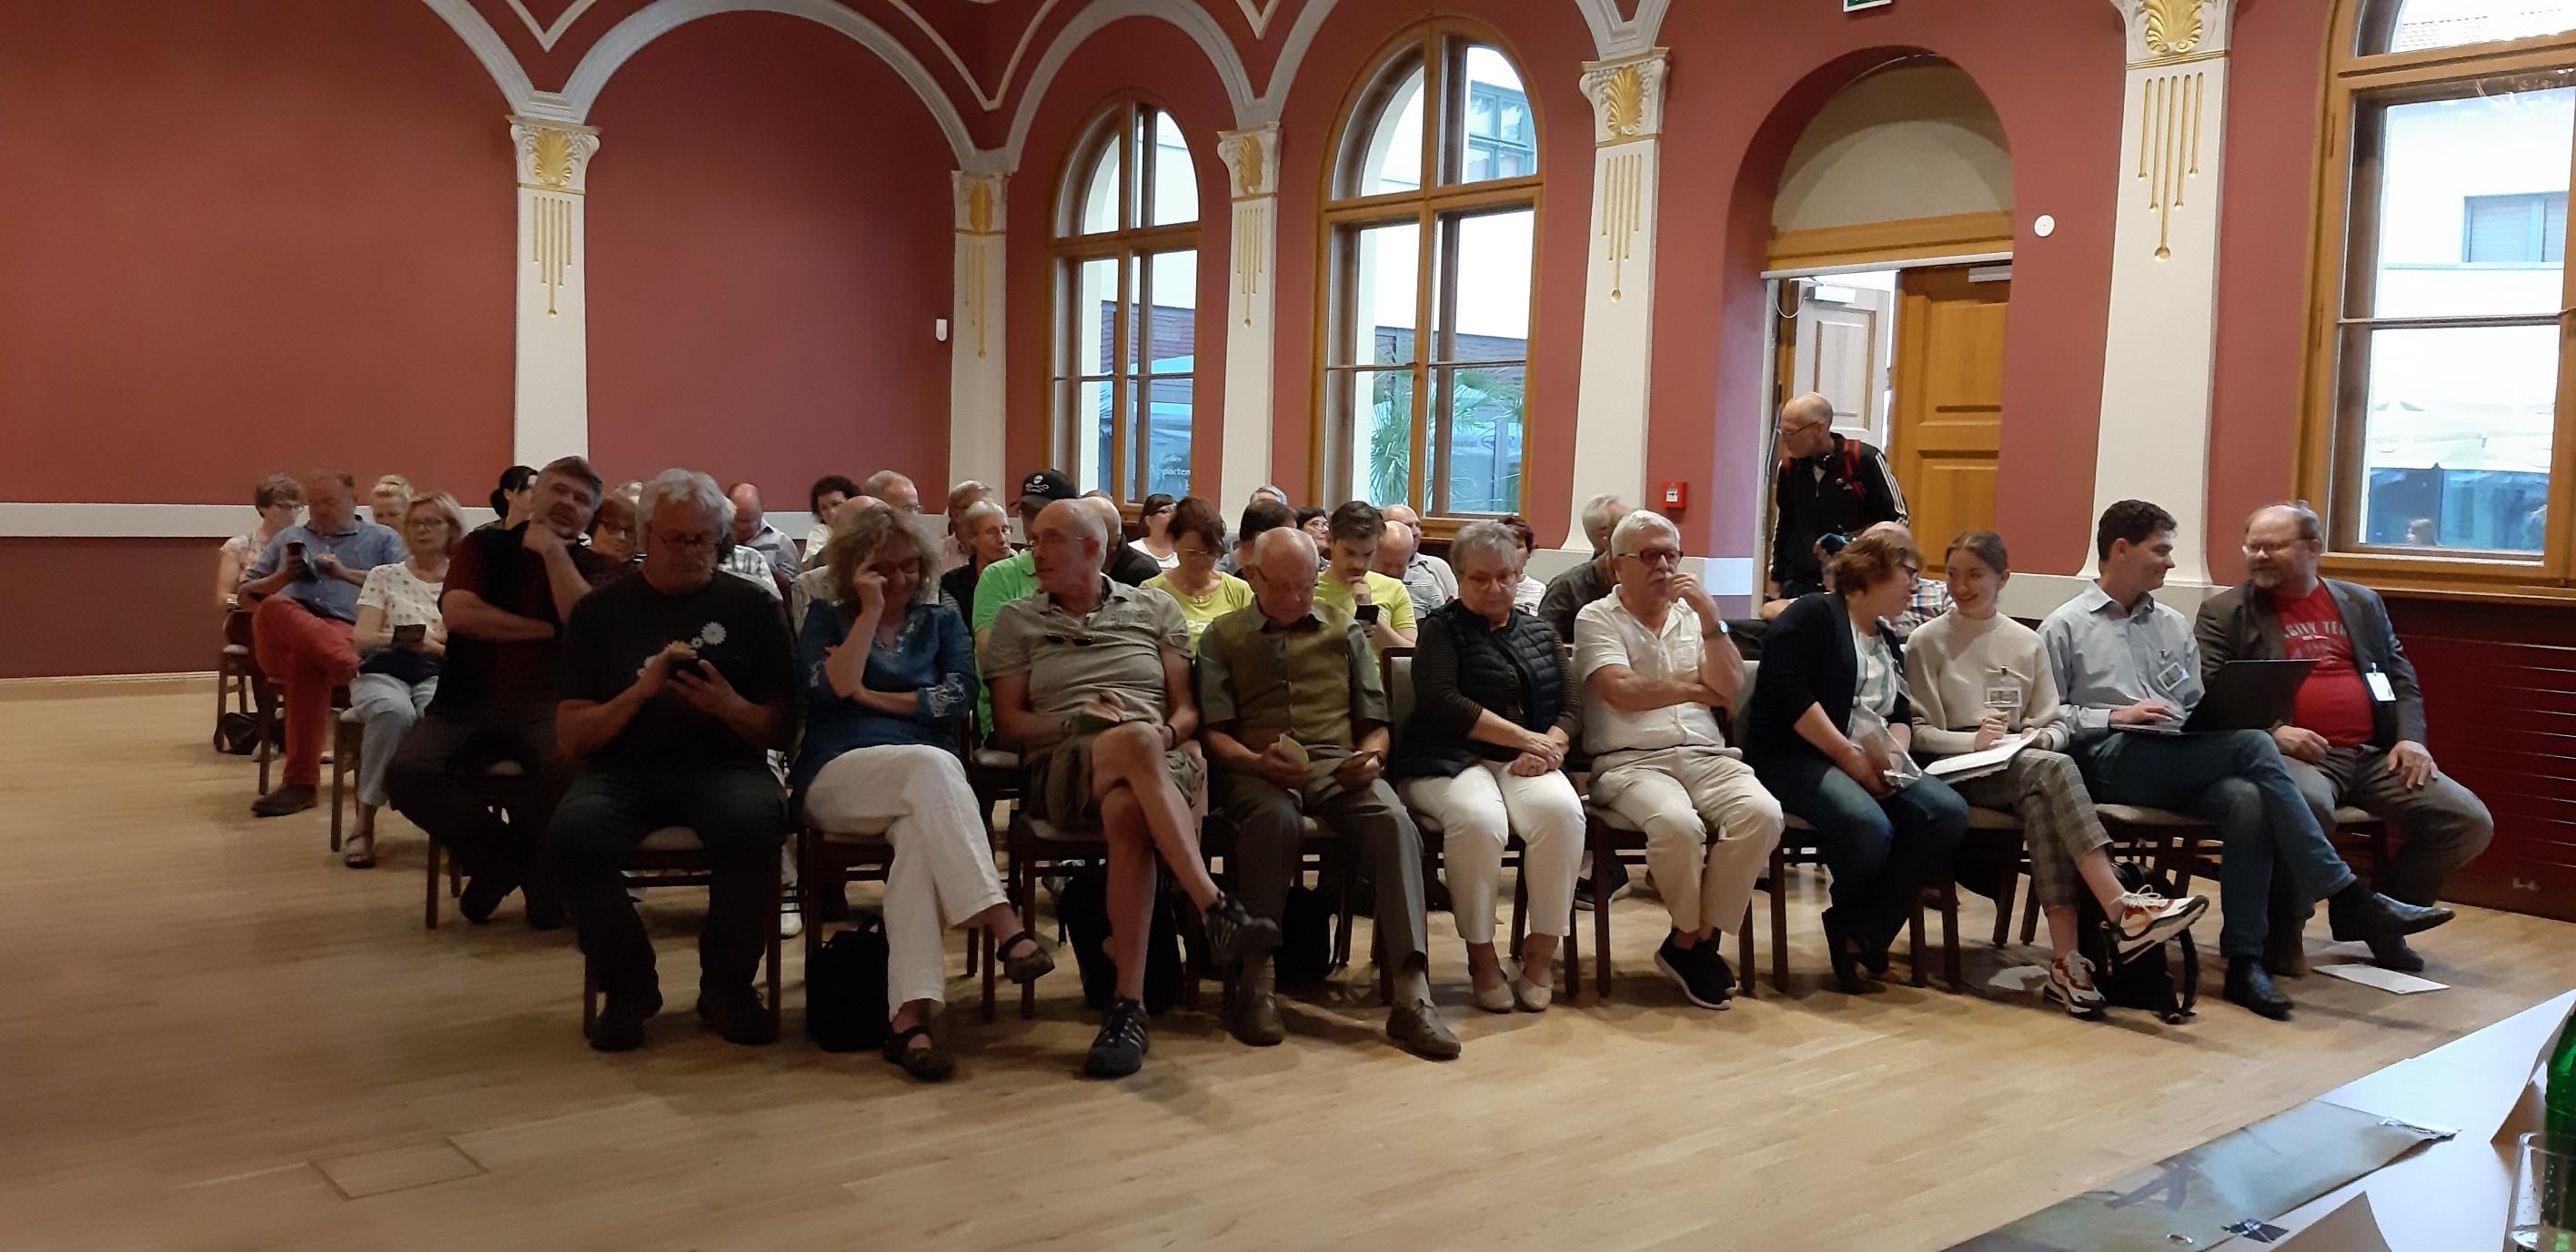 Podiumsdiskussion mit Landtagskandidat*en am 20.08.2019 im Beelitzer Deutschen Haus